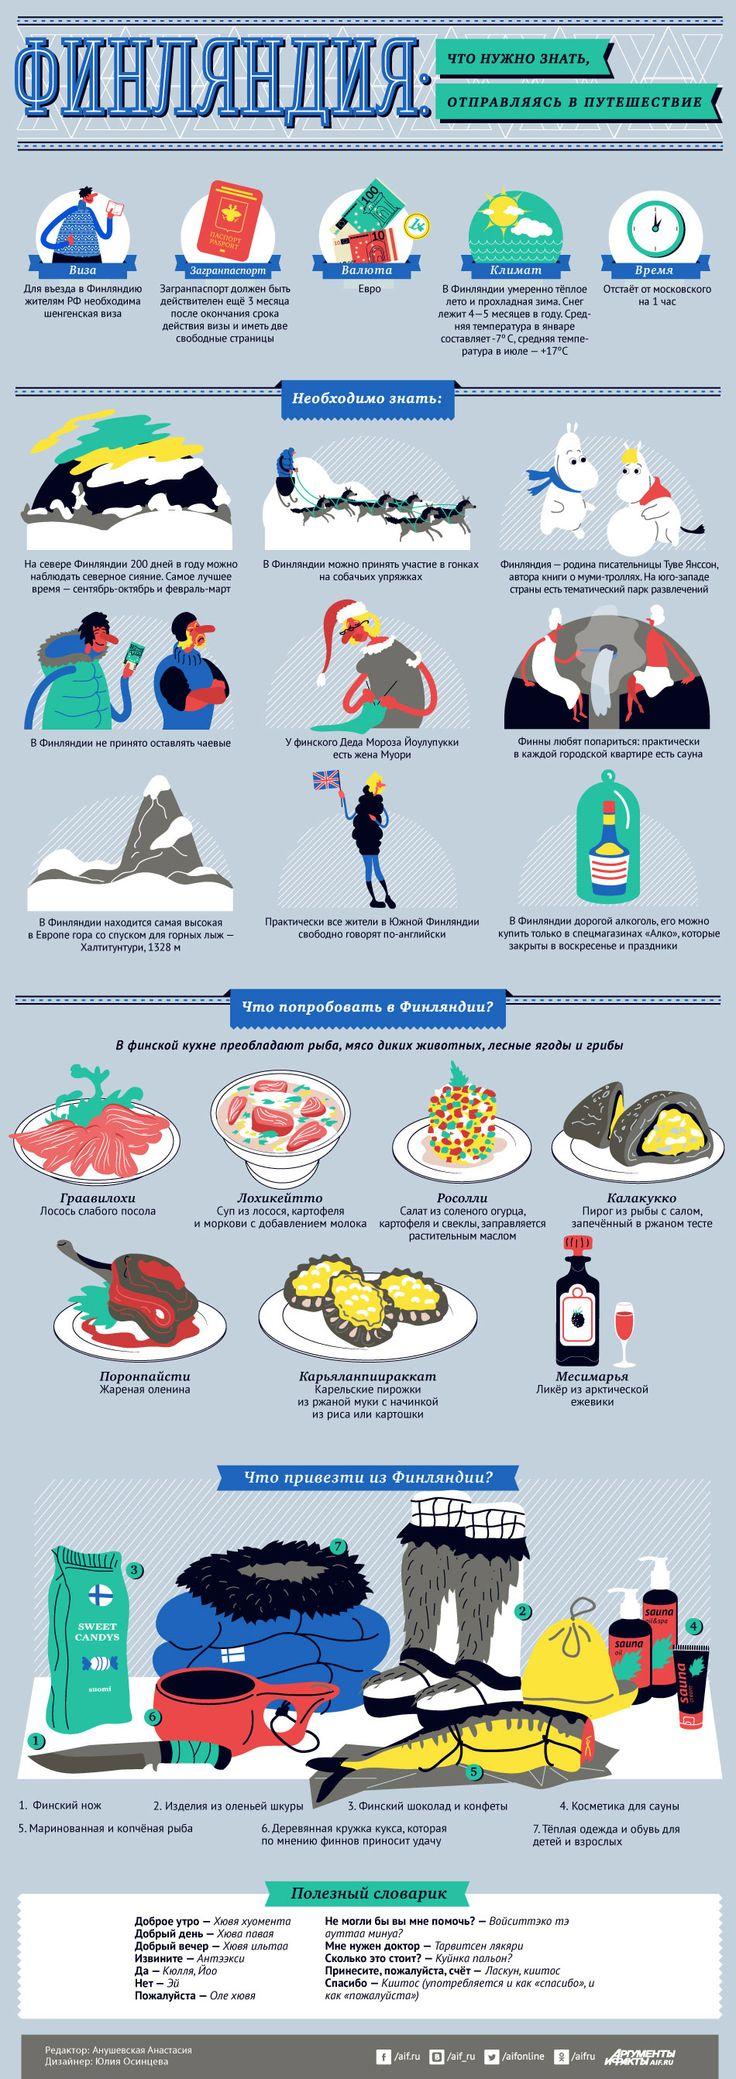 Финляндия: что нужно знать, отправляясь в путешествие? Инфографика | Инфографика…